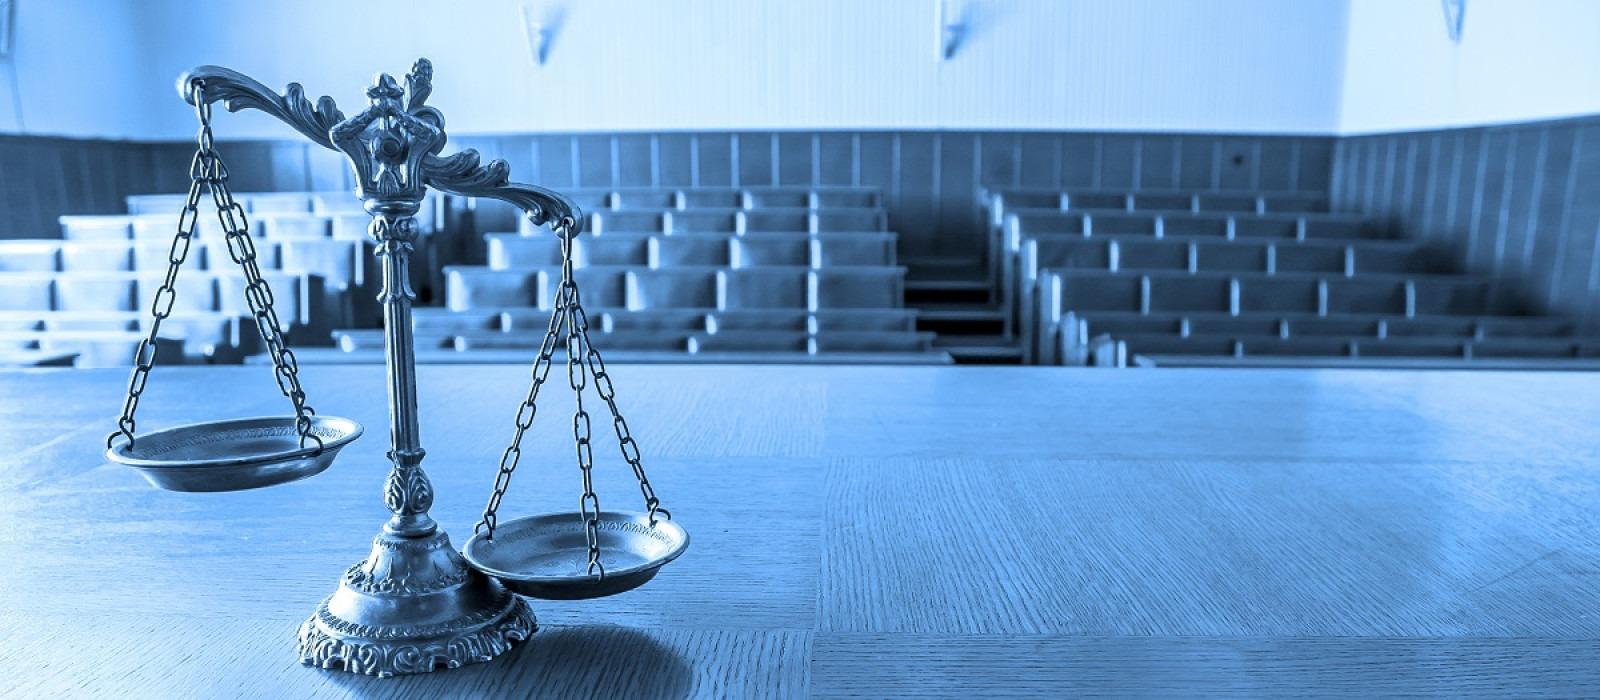 Οι αναμενόμενες εντός του 2020 αποφάσεις των Ανώτατων Δικαστηρίων με οικονομικό αντίκτυπο